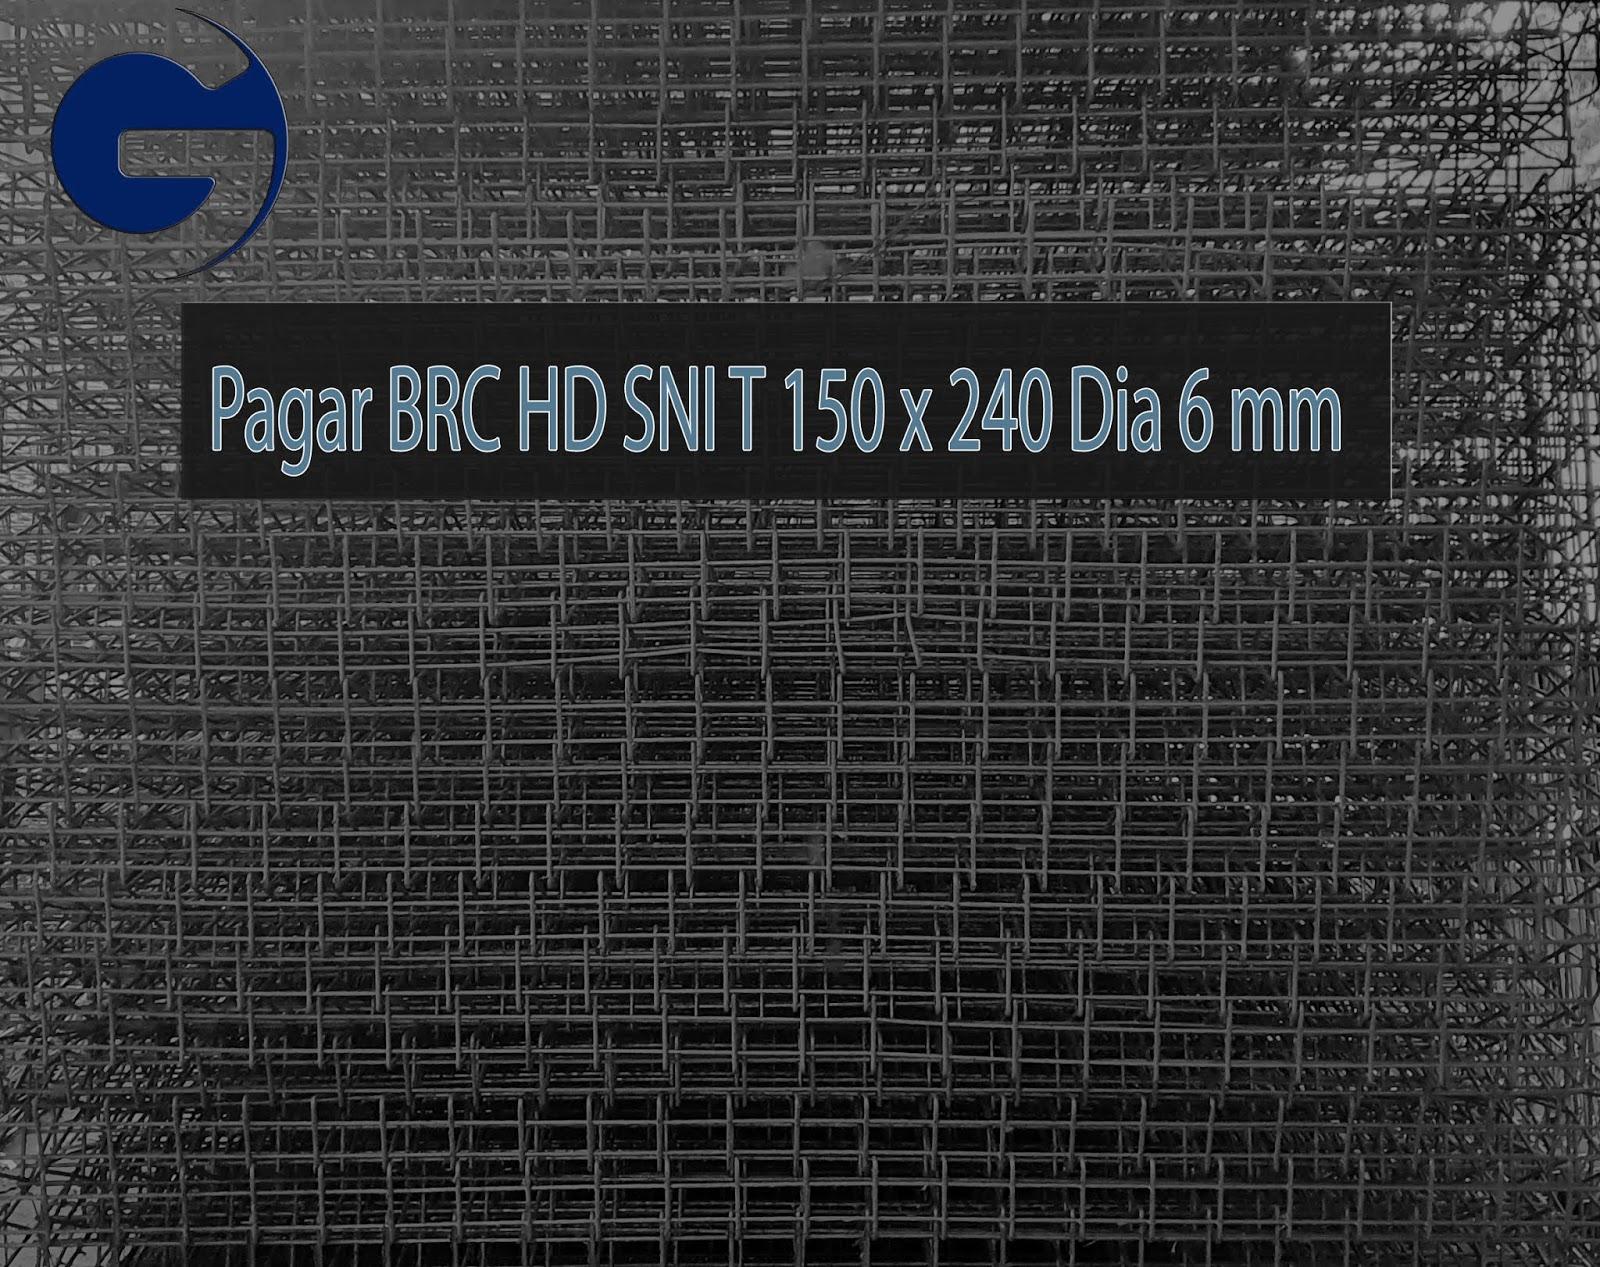 Jual pagar BRC HD SNI T 150 x 240 Dia 6 mm